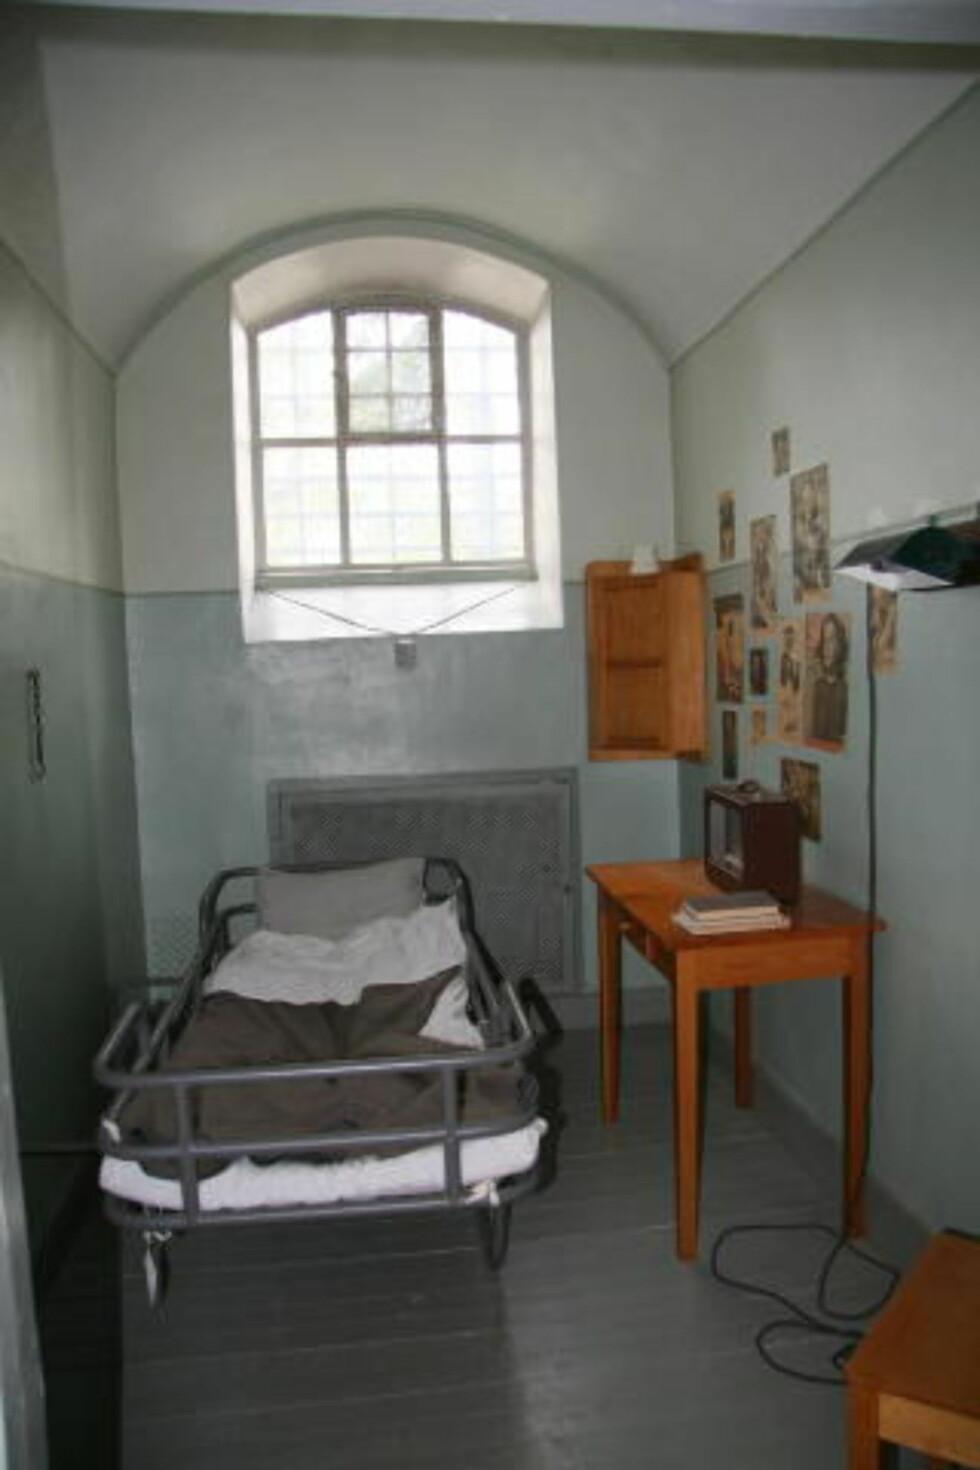 NYERE CELLE:  Her var det litt mer moderne, men frendeles trangt. Celle-straffen ble avskaffet i Sverige i 1945.